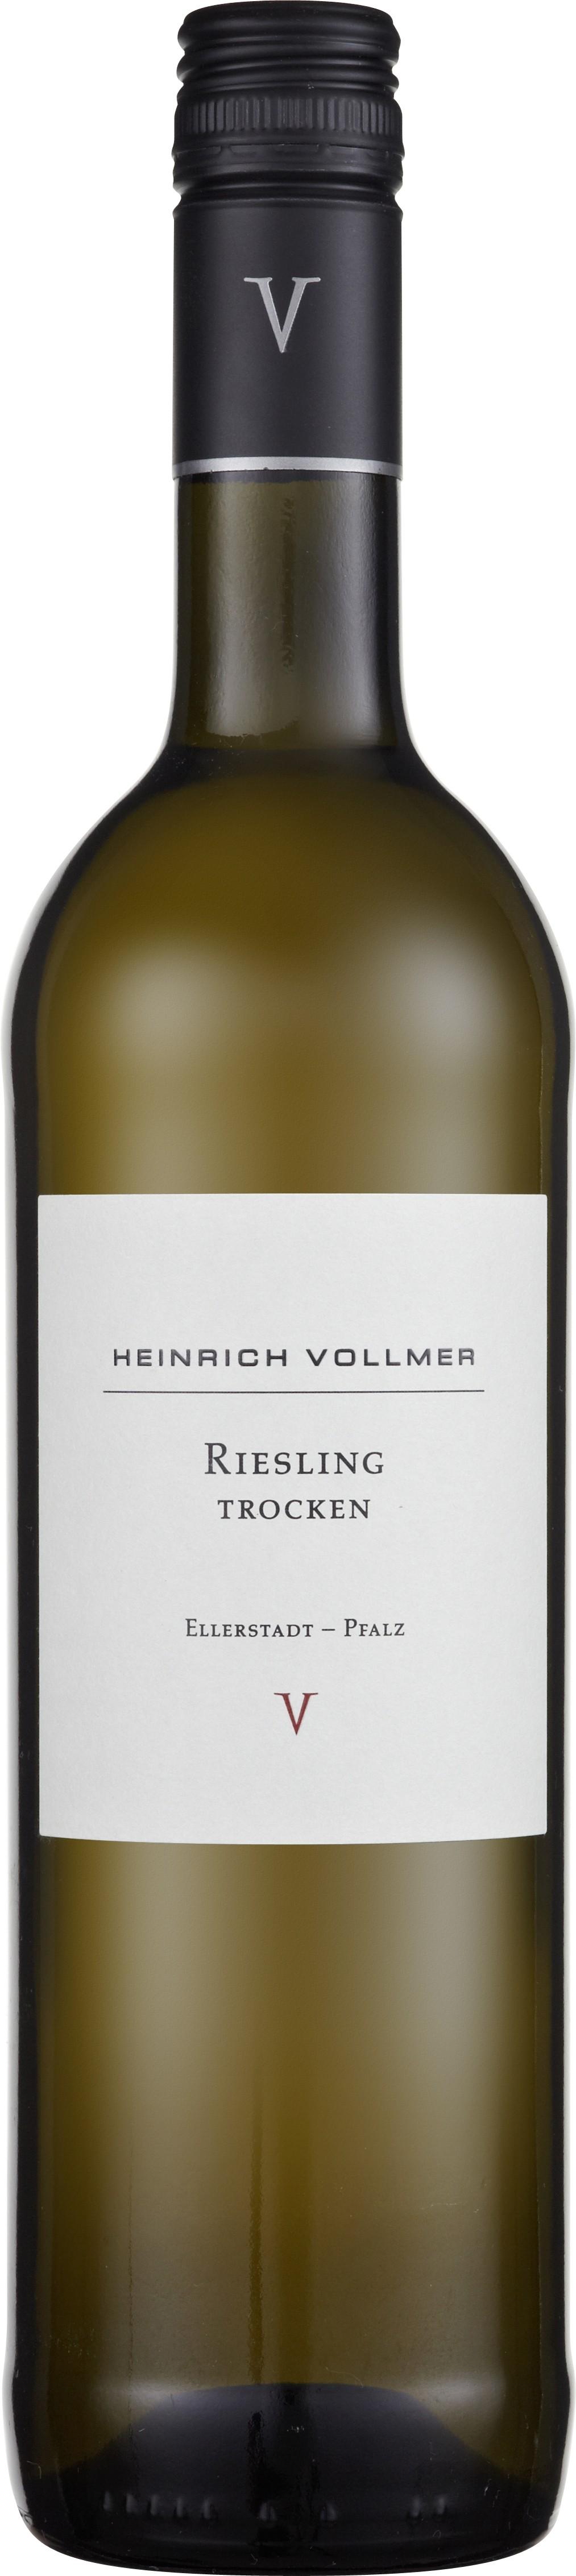 Heinrich Vollmer, Riesling trocken 0,75L